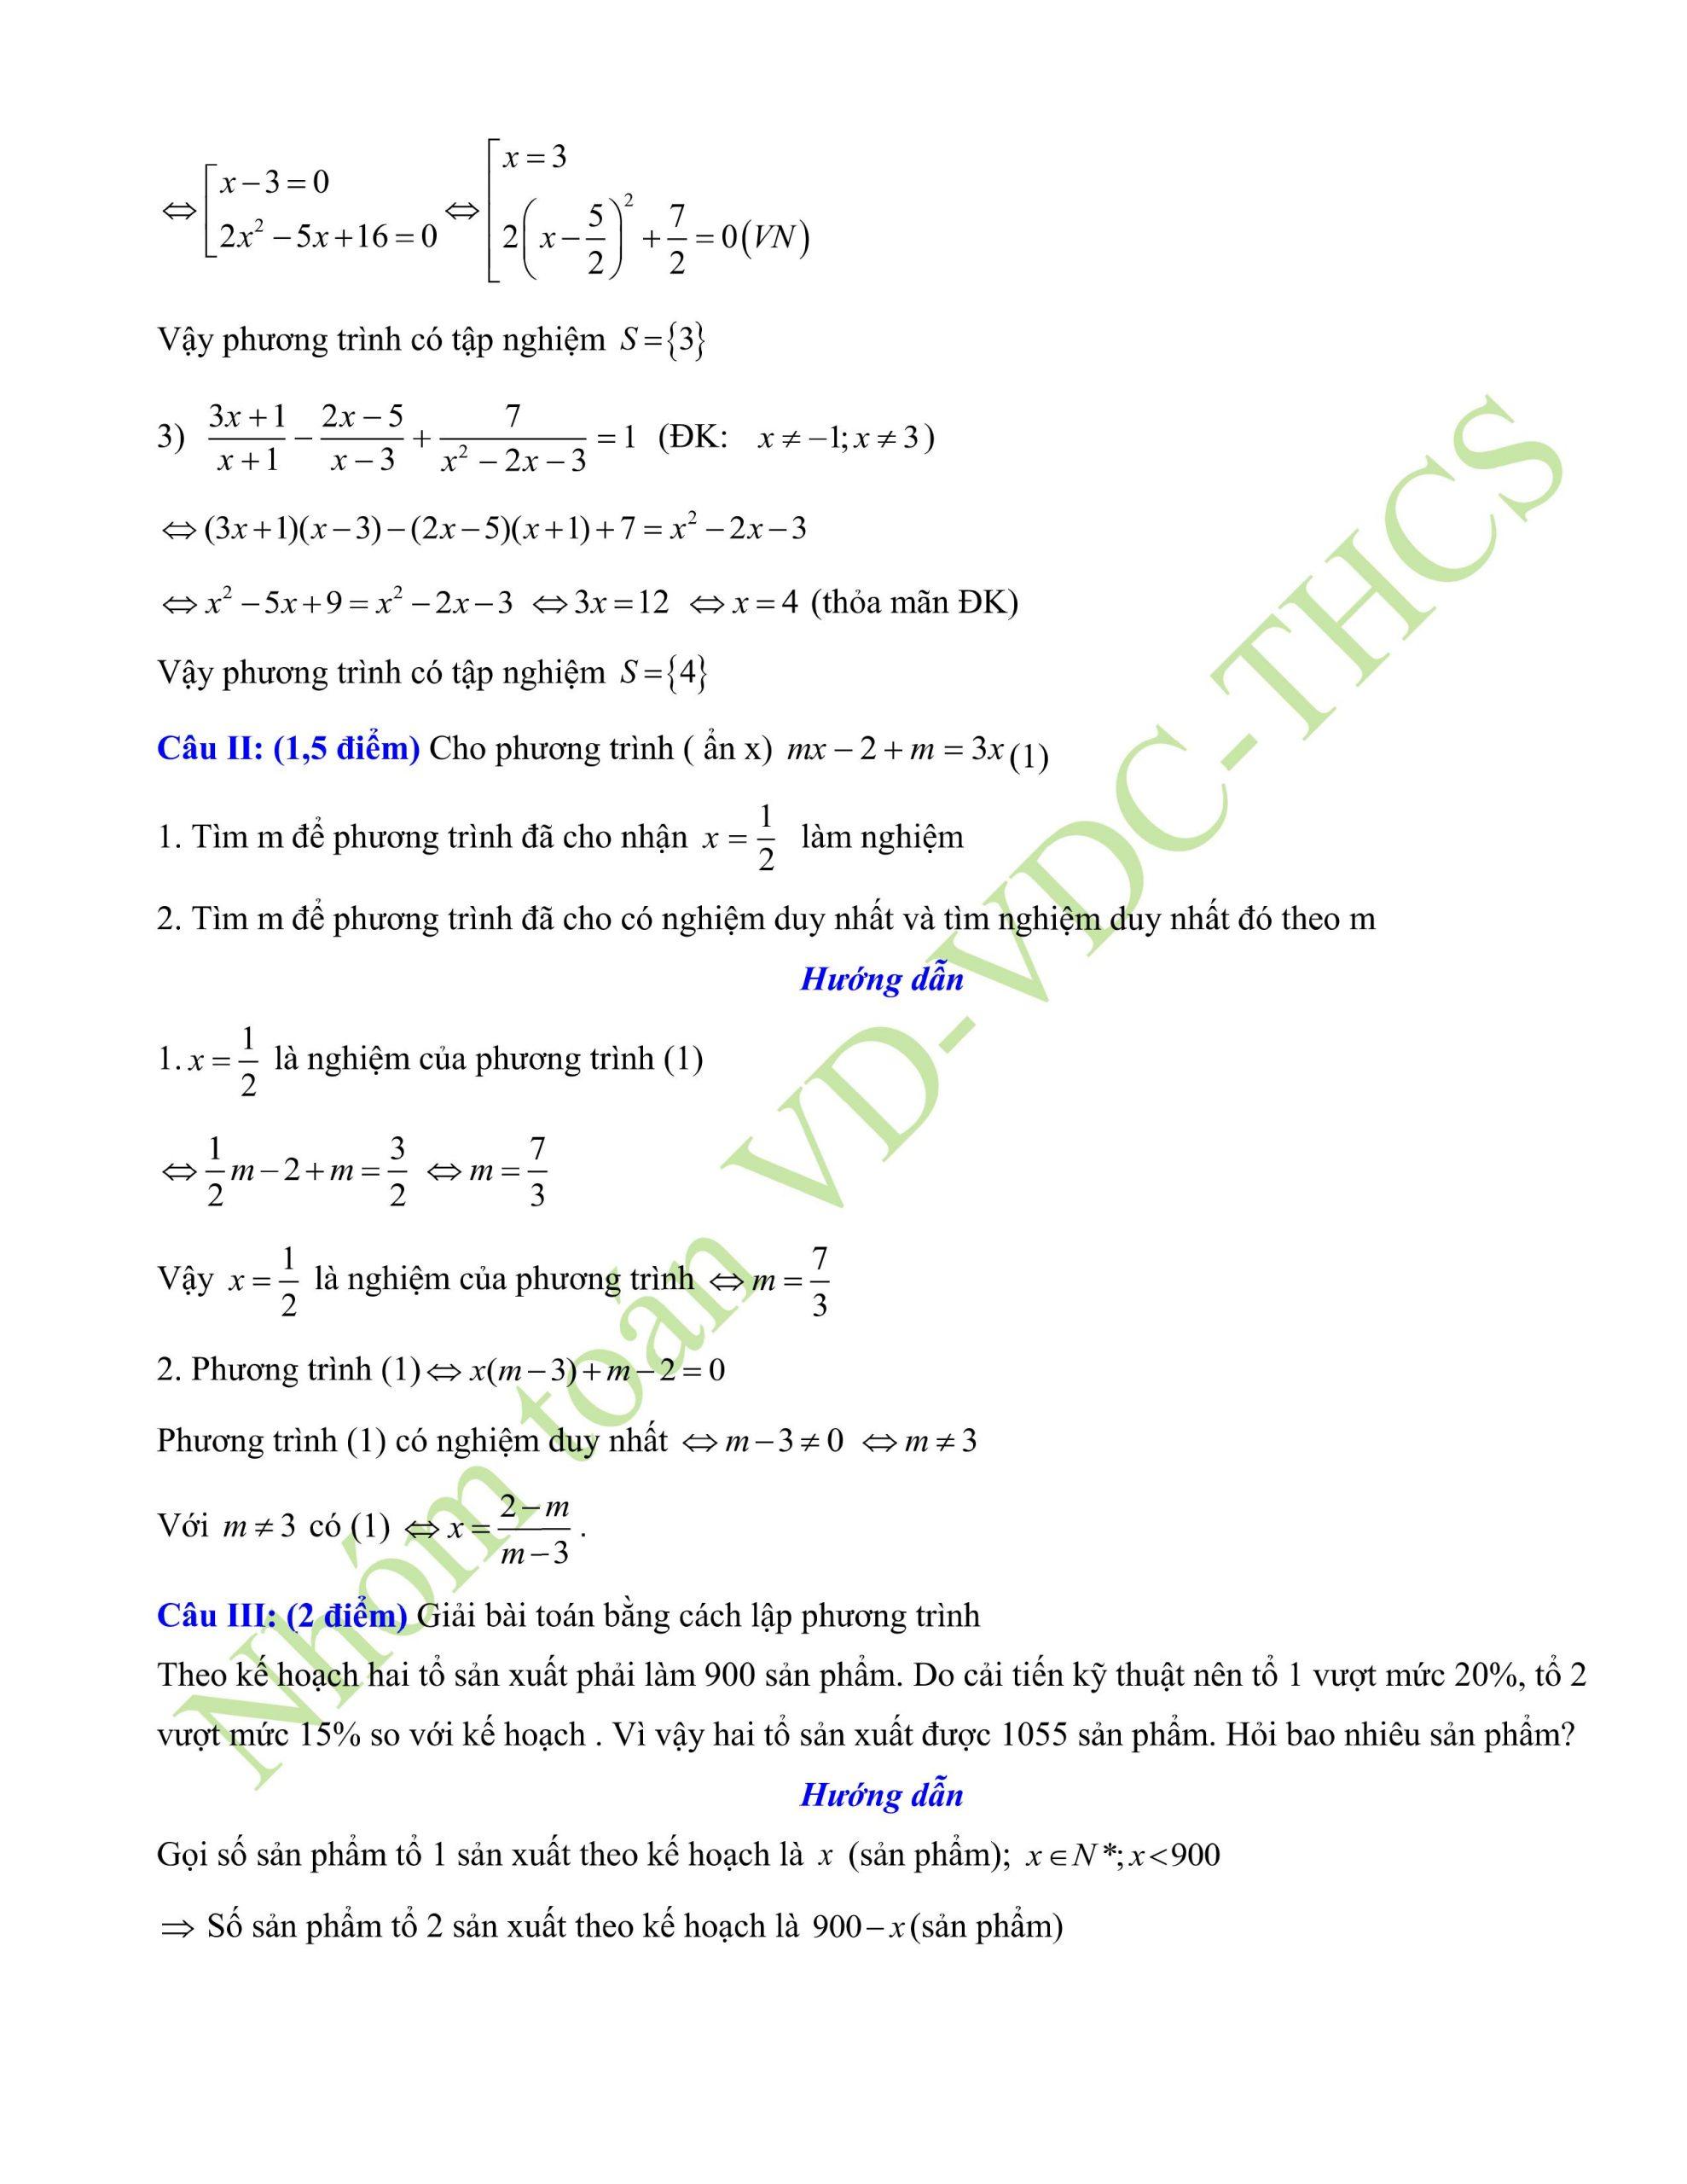 29+ đề thi giữa hk2 toán 8có lời giải để ôn tập p4